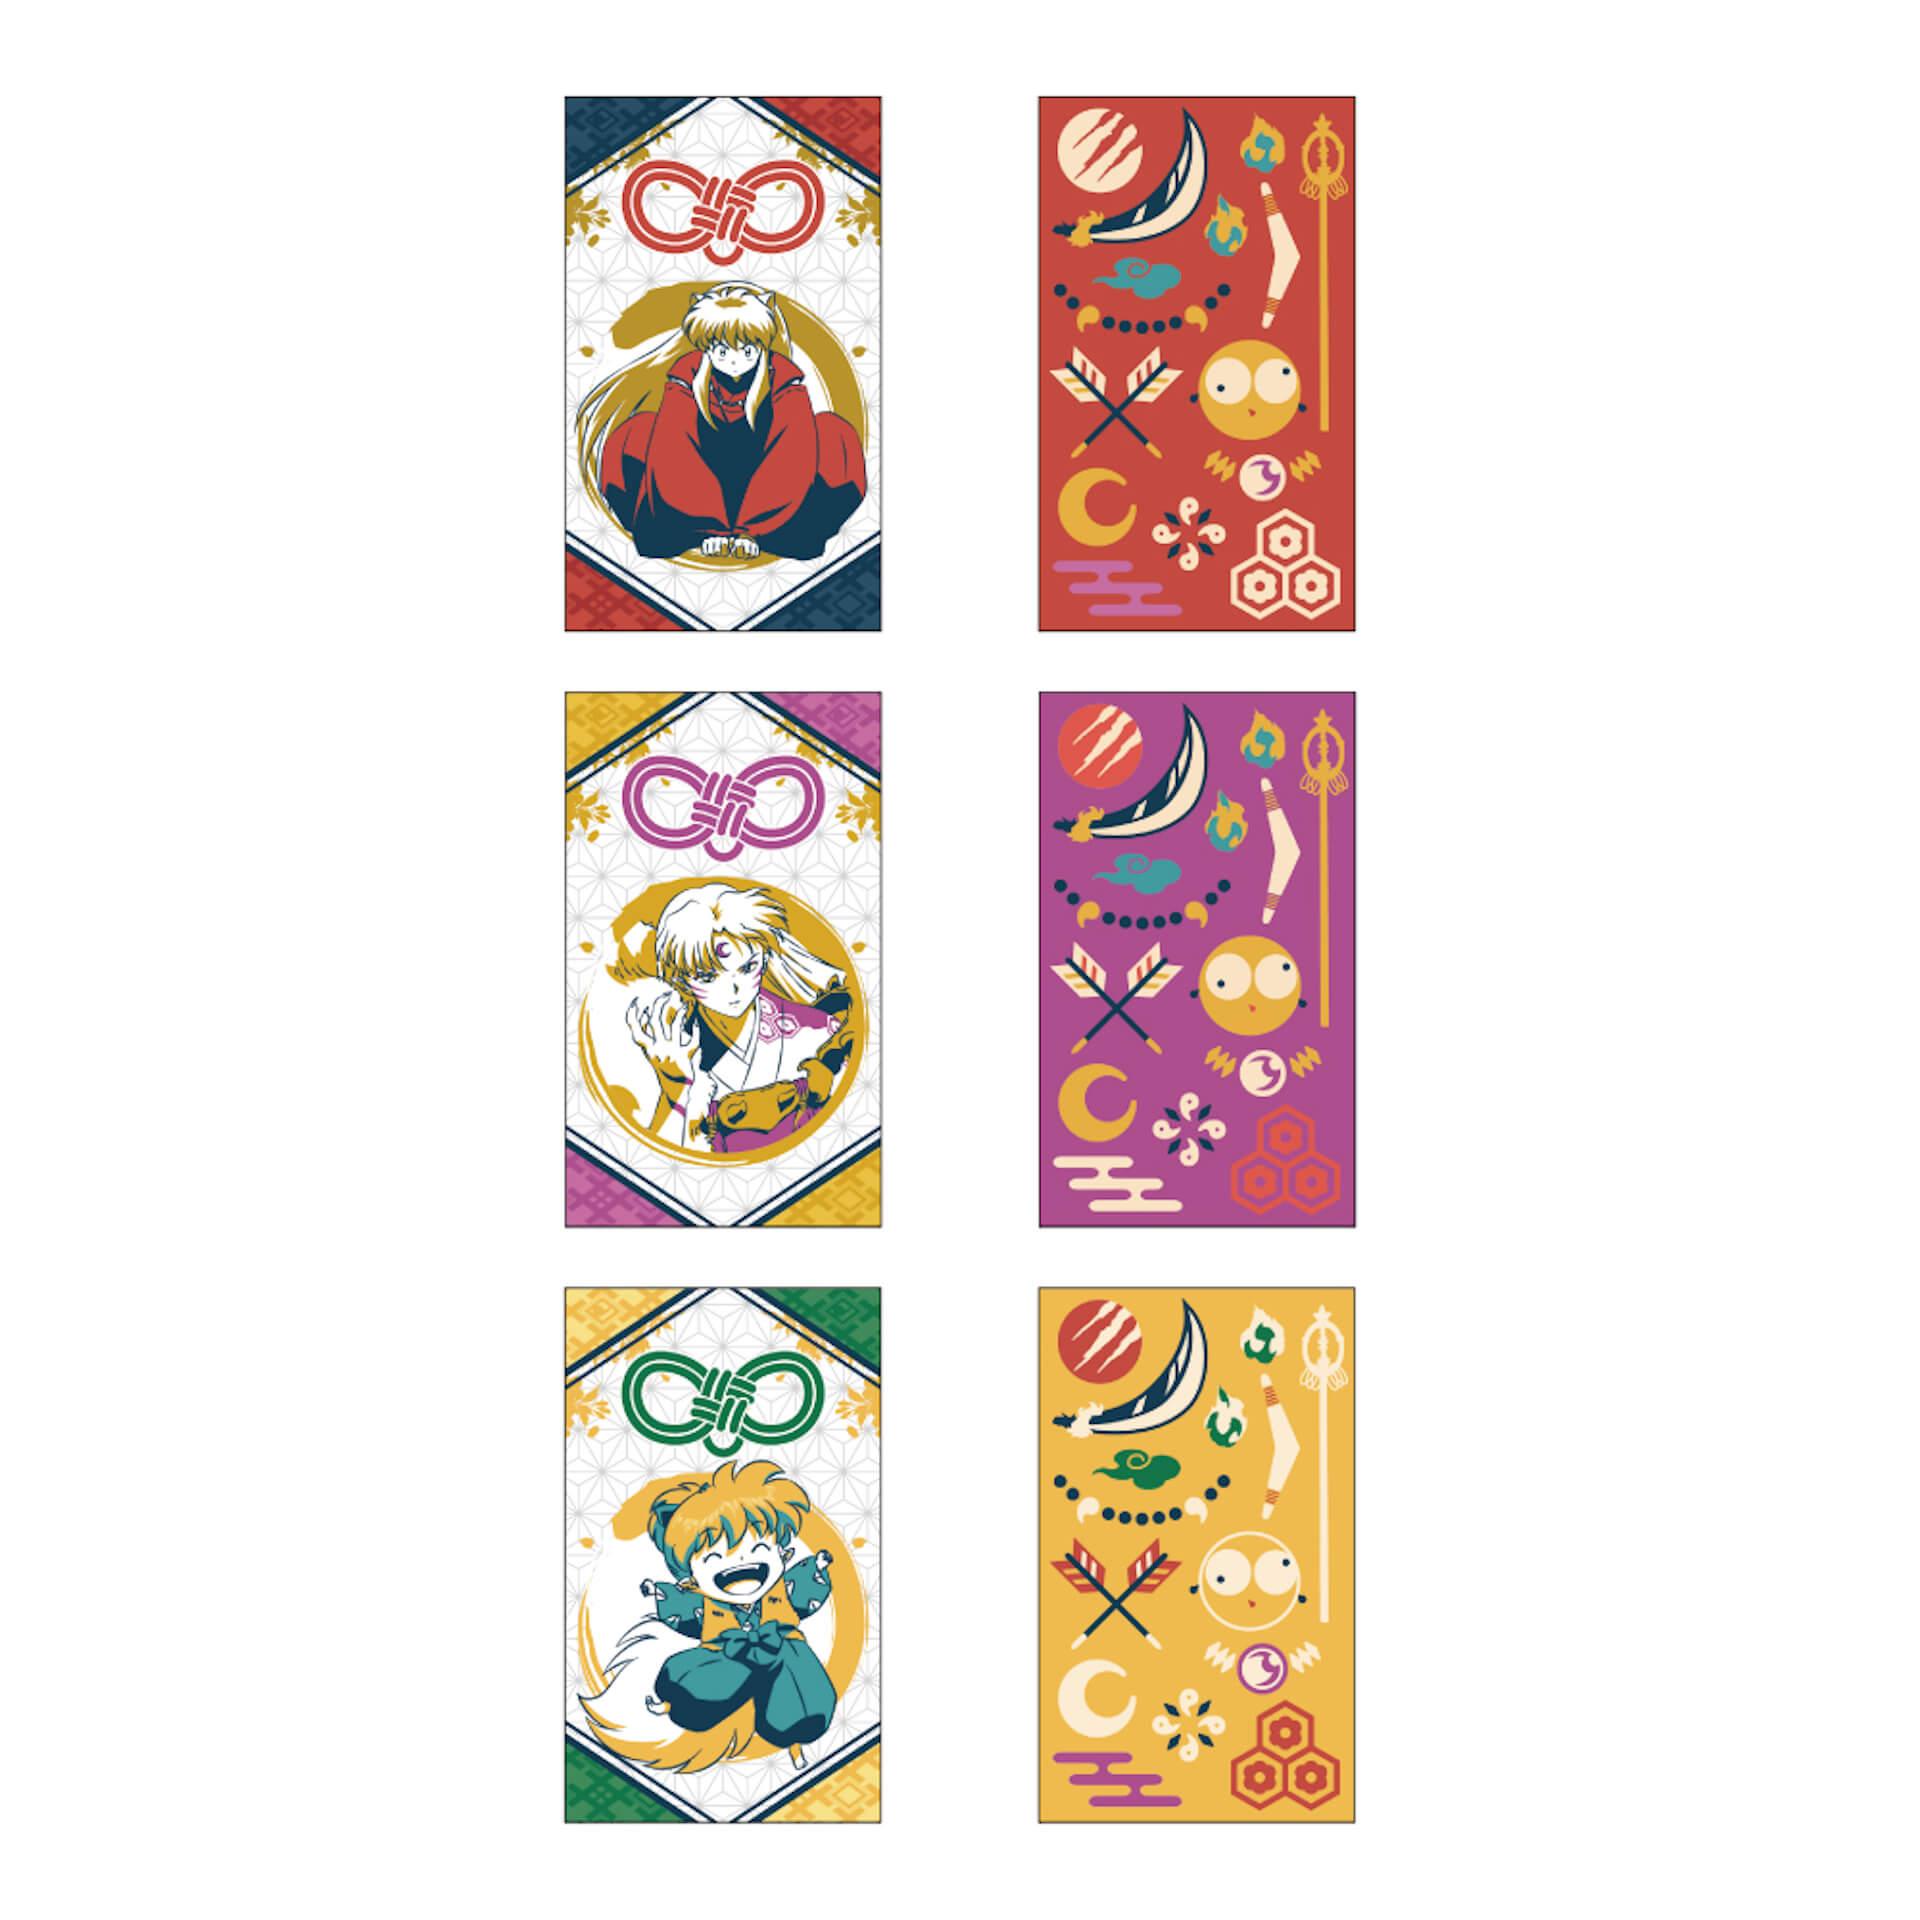 犬夜叉カフェが渋谷PARCOに期間限定オープン決定!名古屋・大阪でも開催&殺生丸・かごめら人気キャラクターの特別グッズも art200717_inuyasha_10